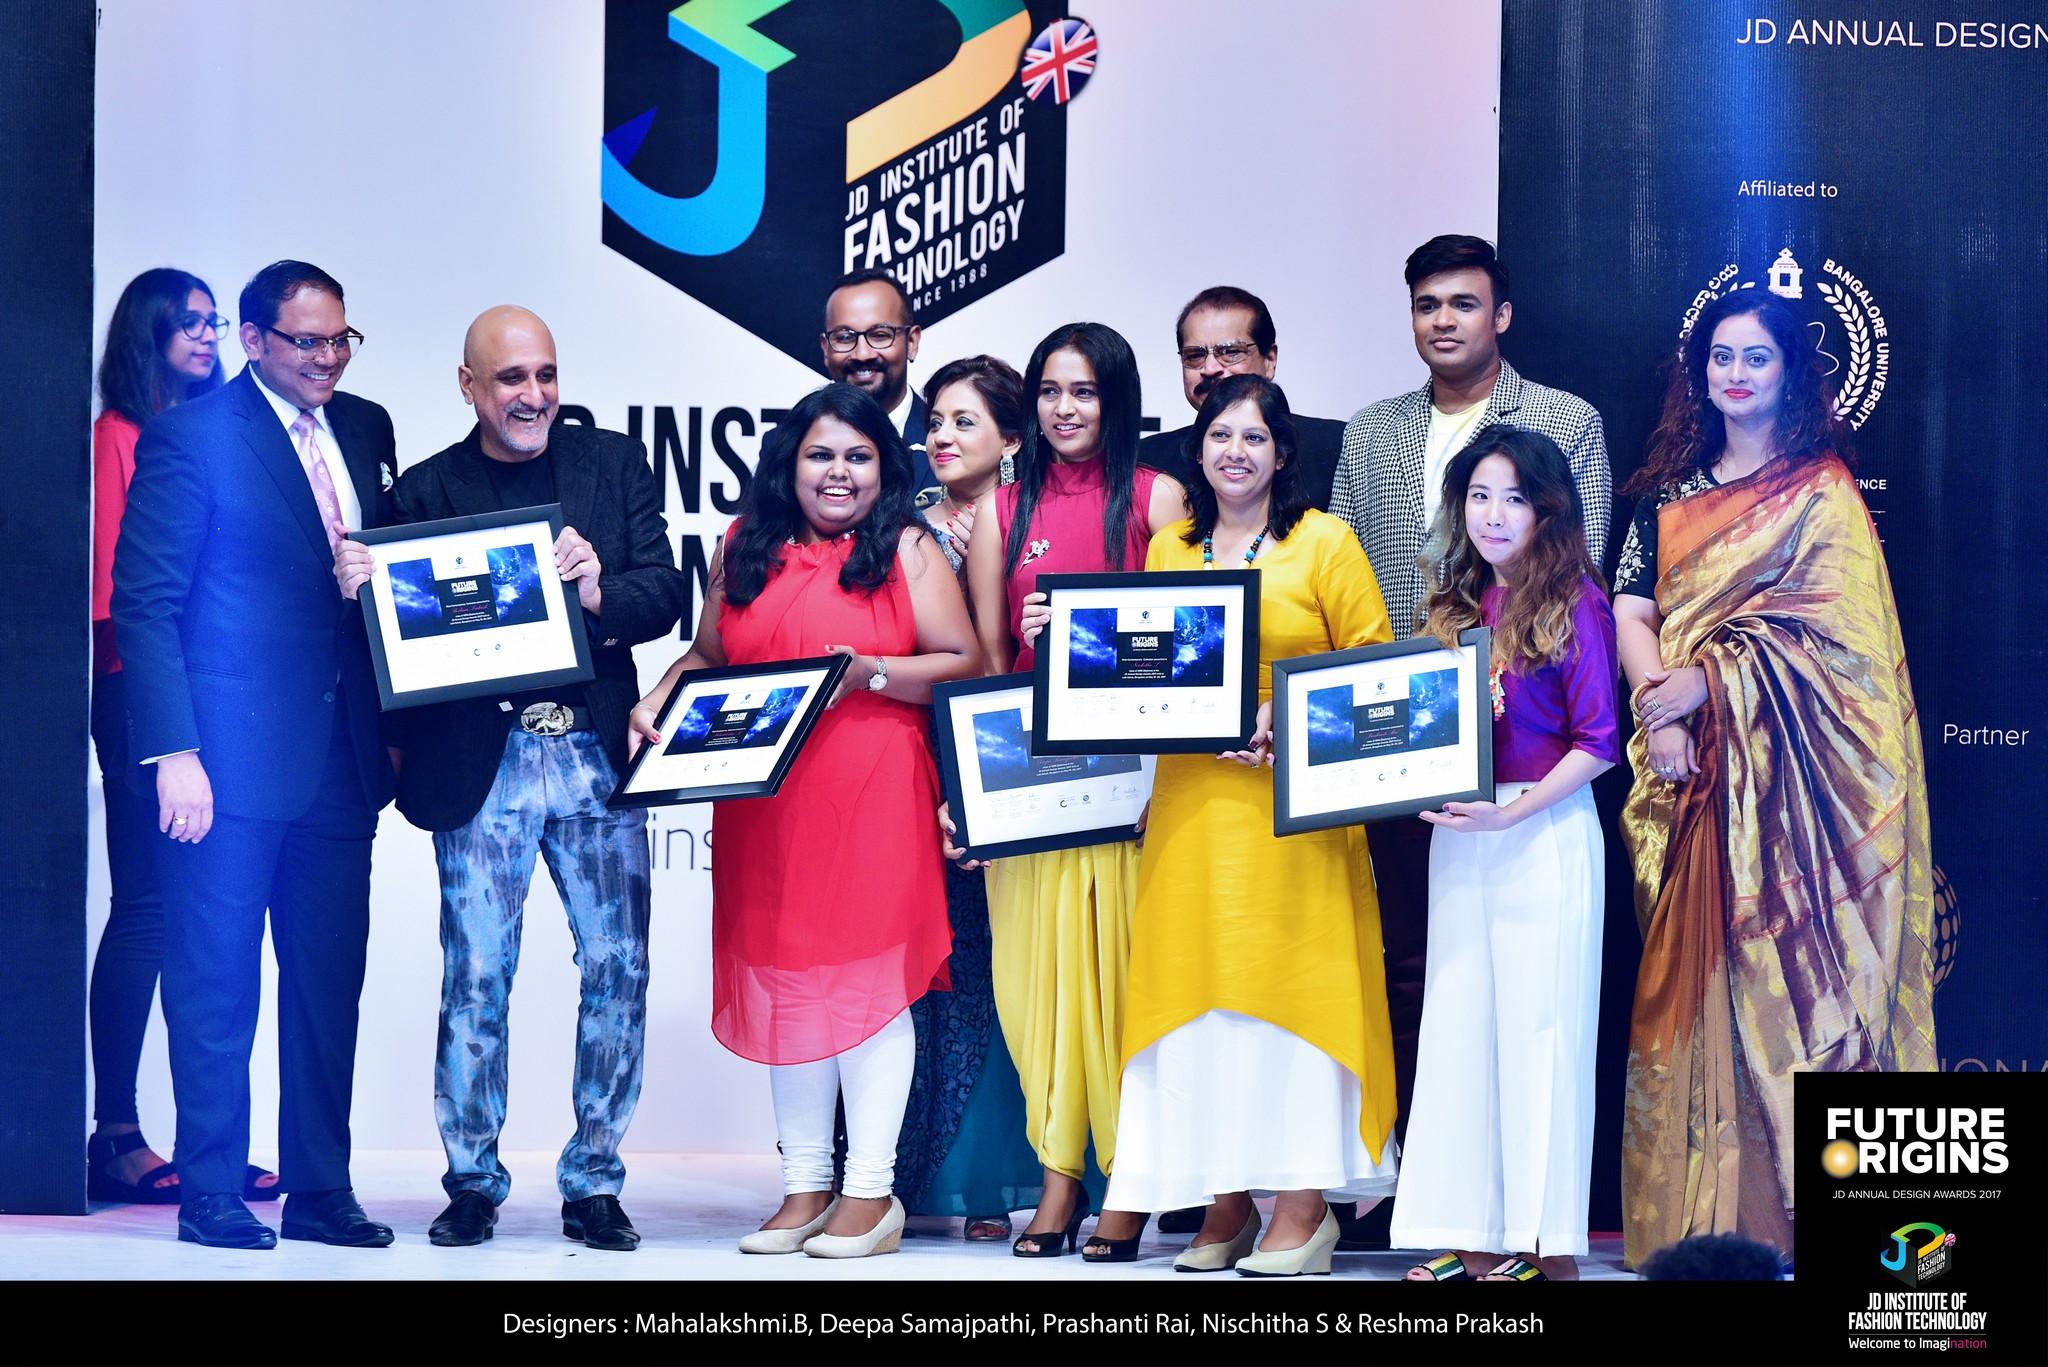 Ecoscent - Future Origin - JD Annual Design Awards 2017   Photography : Jerin Nath ecoscent - Ecoscent Future Origin JD Annual Design Awards 2017 6 - Ecoscent – Future Origin – JD Annual Design Awards 2017